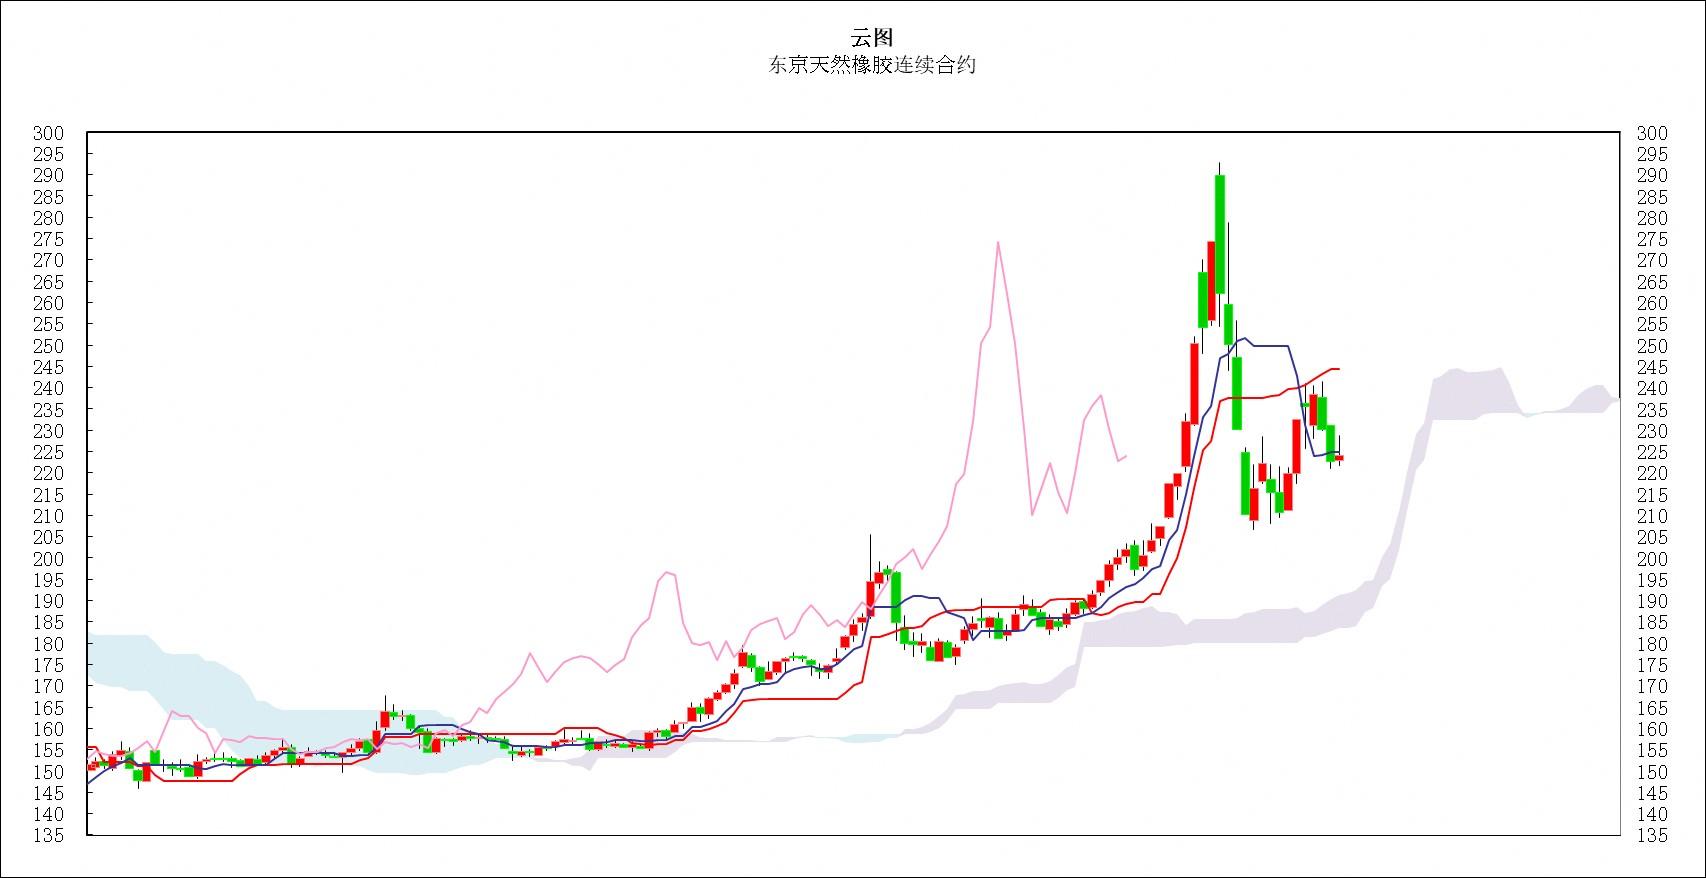 日本商品市场日评:东京黄金价小幅走低,橡胶远月继续回落